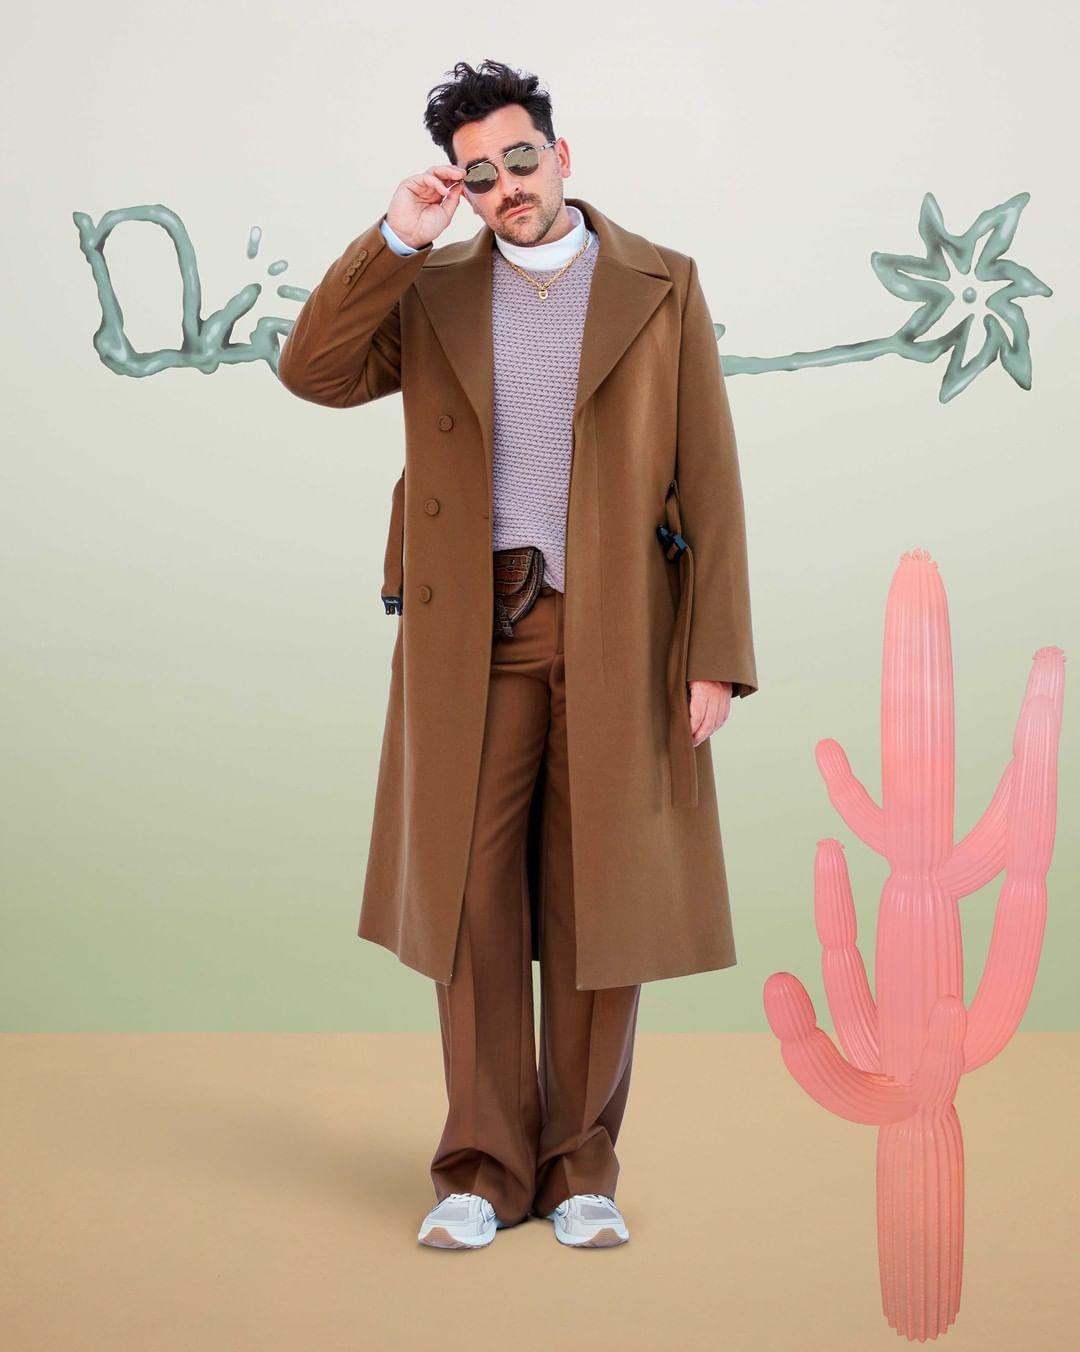 سروال فضفاض مع معطف بني أنيق من ديور. الصورة من انستغرام Dior